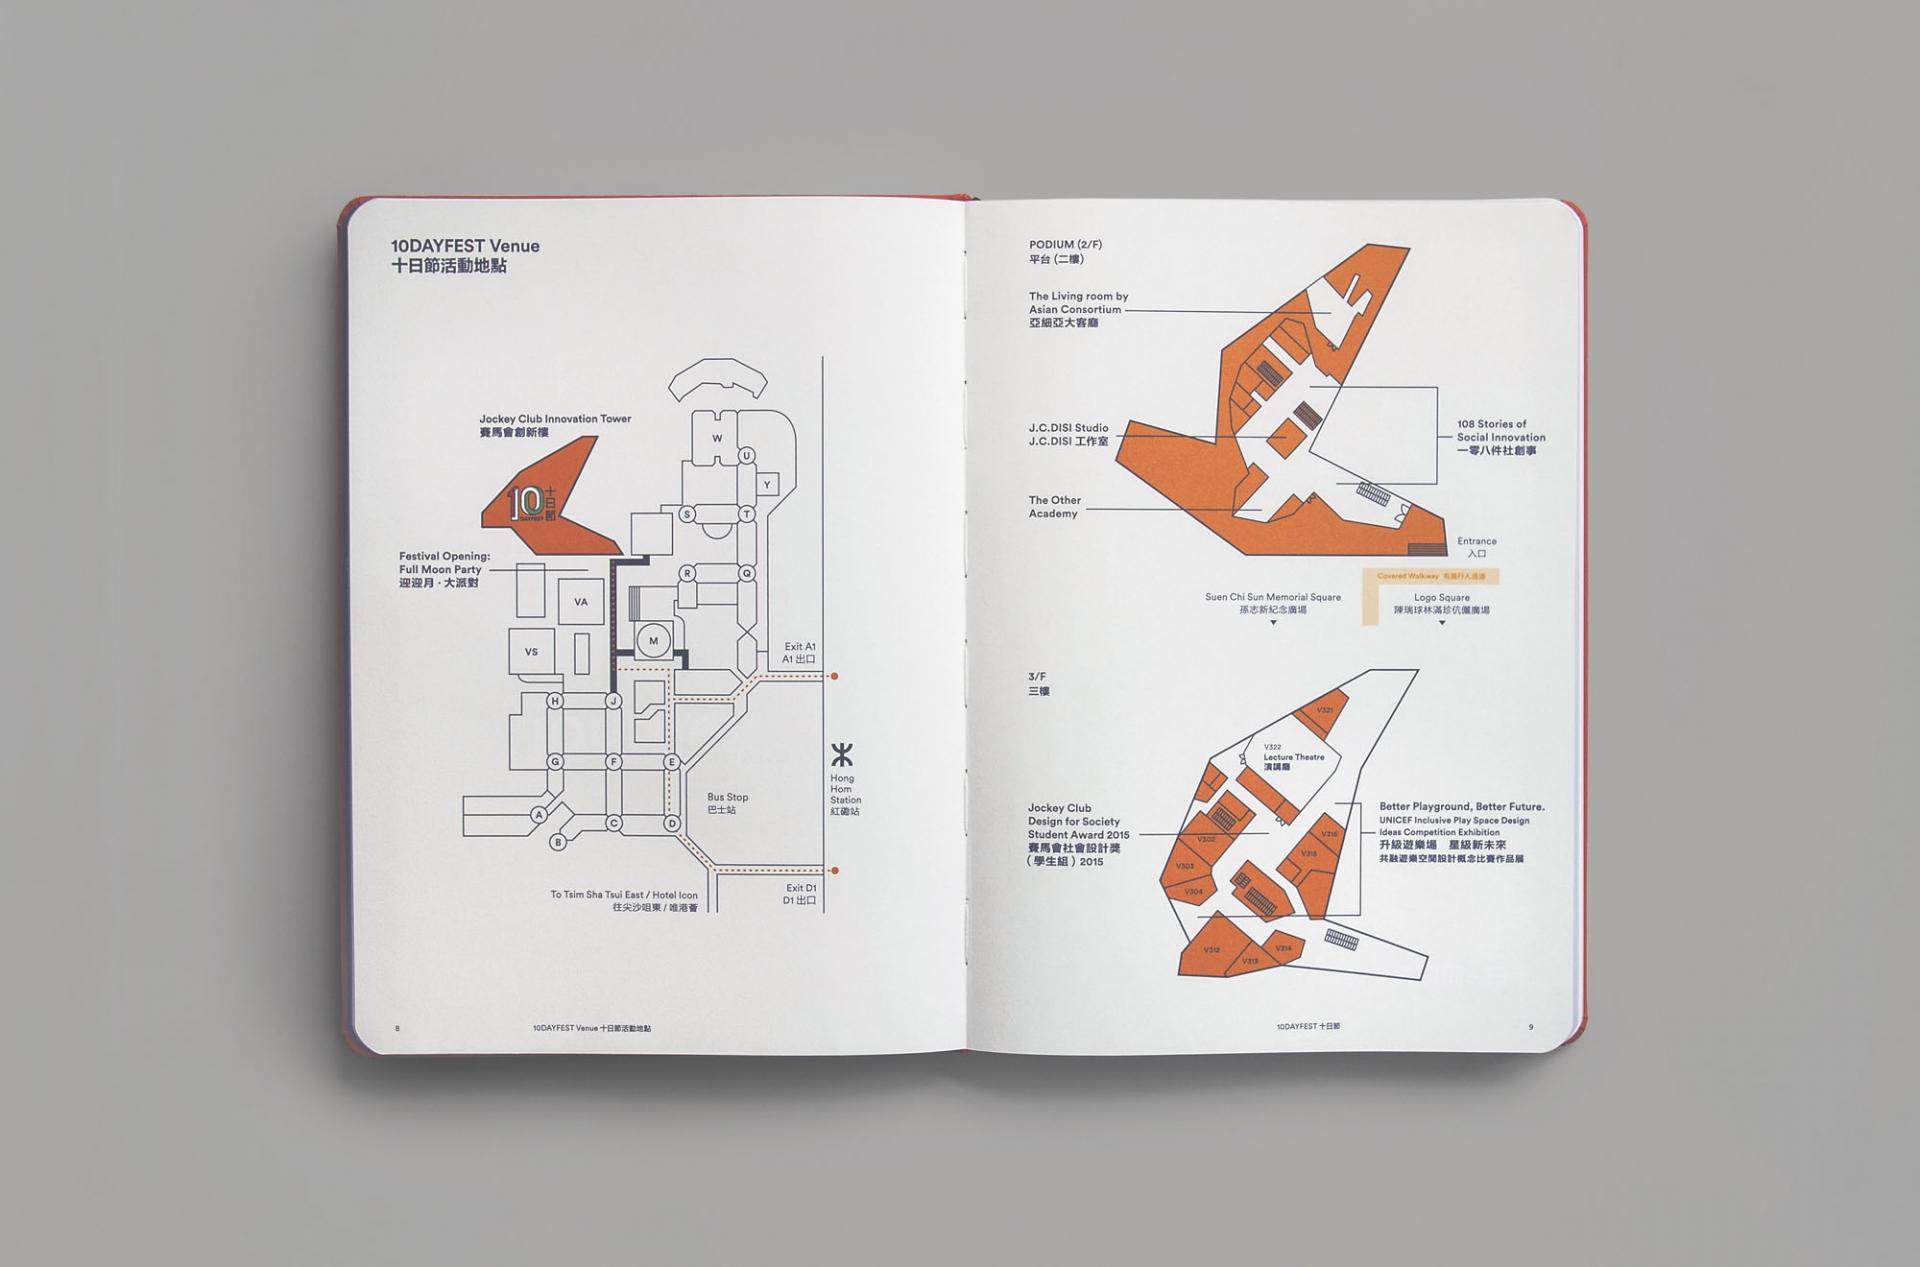 Good Morning Design 10DAYFEST 2015 Book